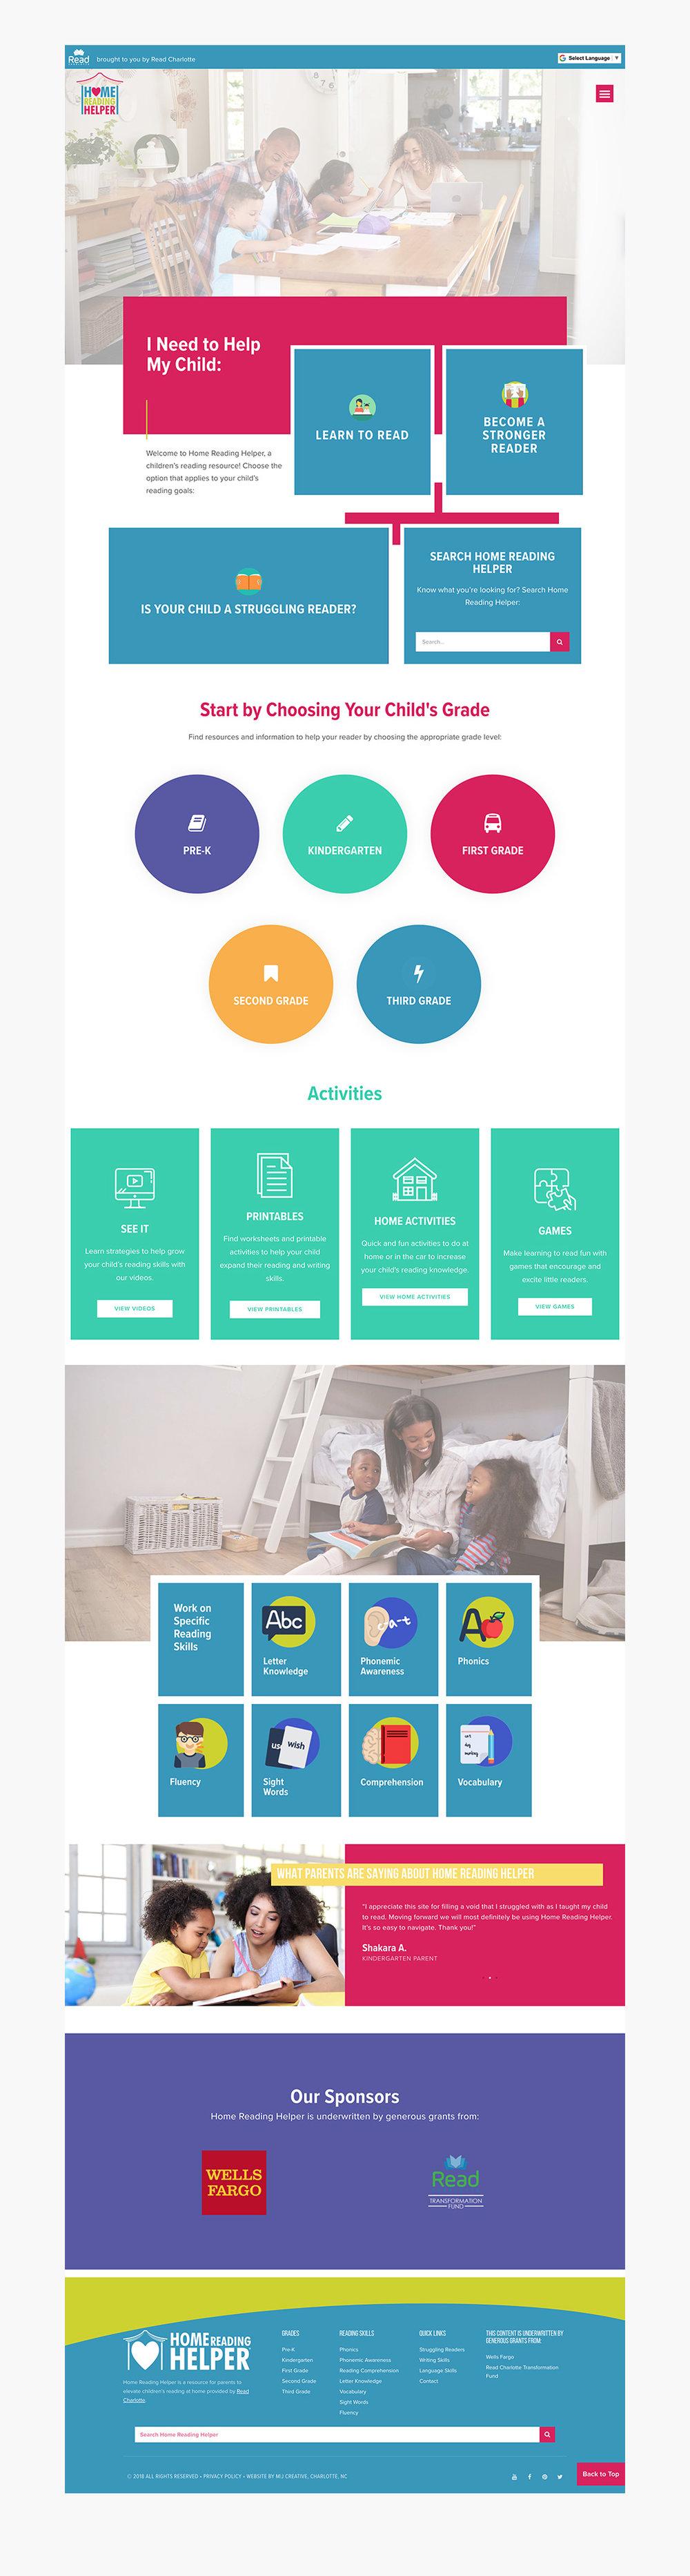 childrens-reading-website-design.jpg